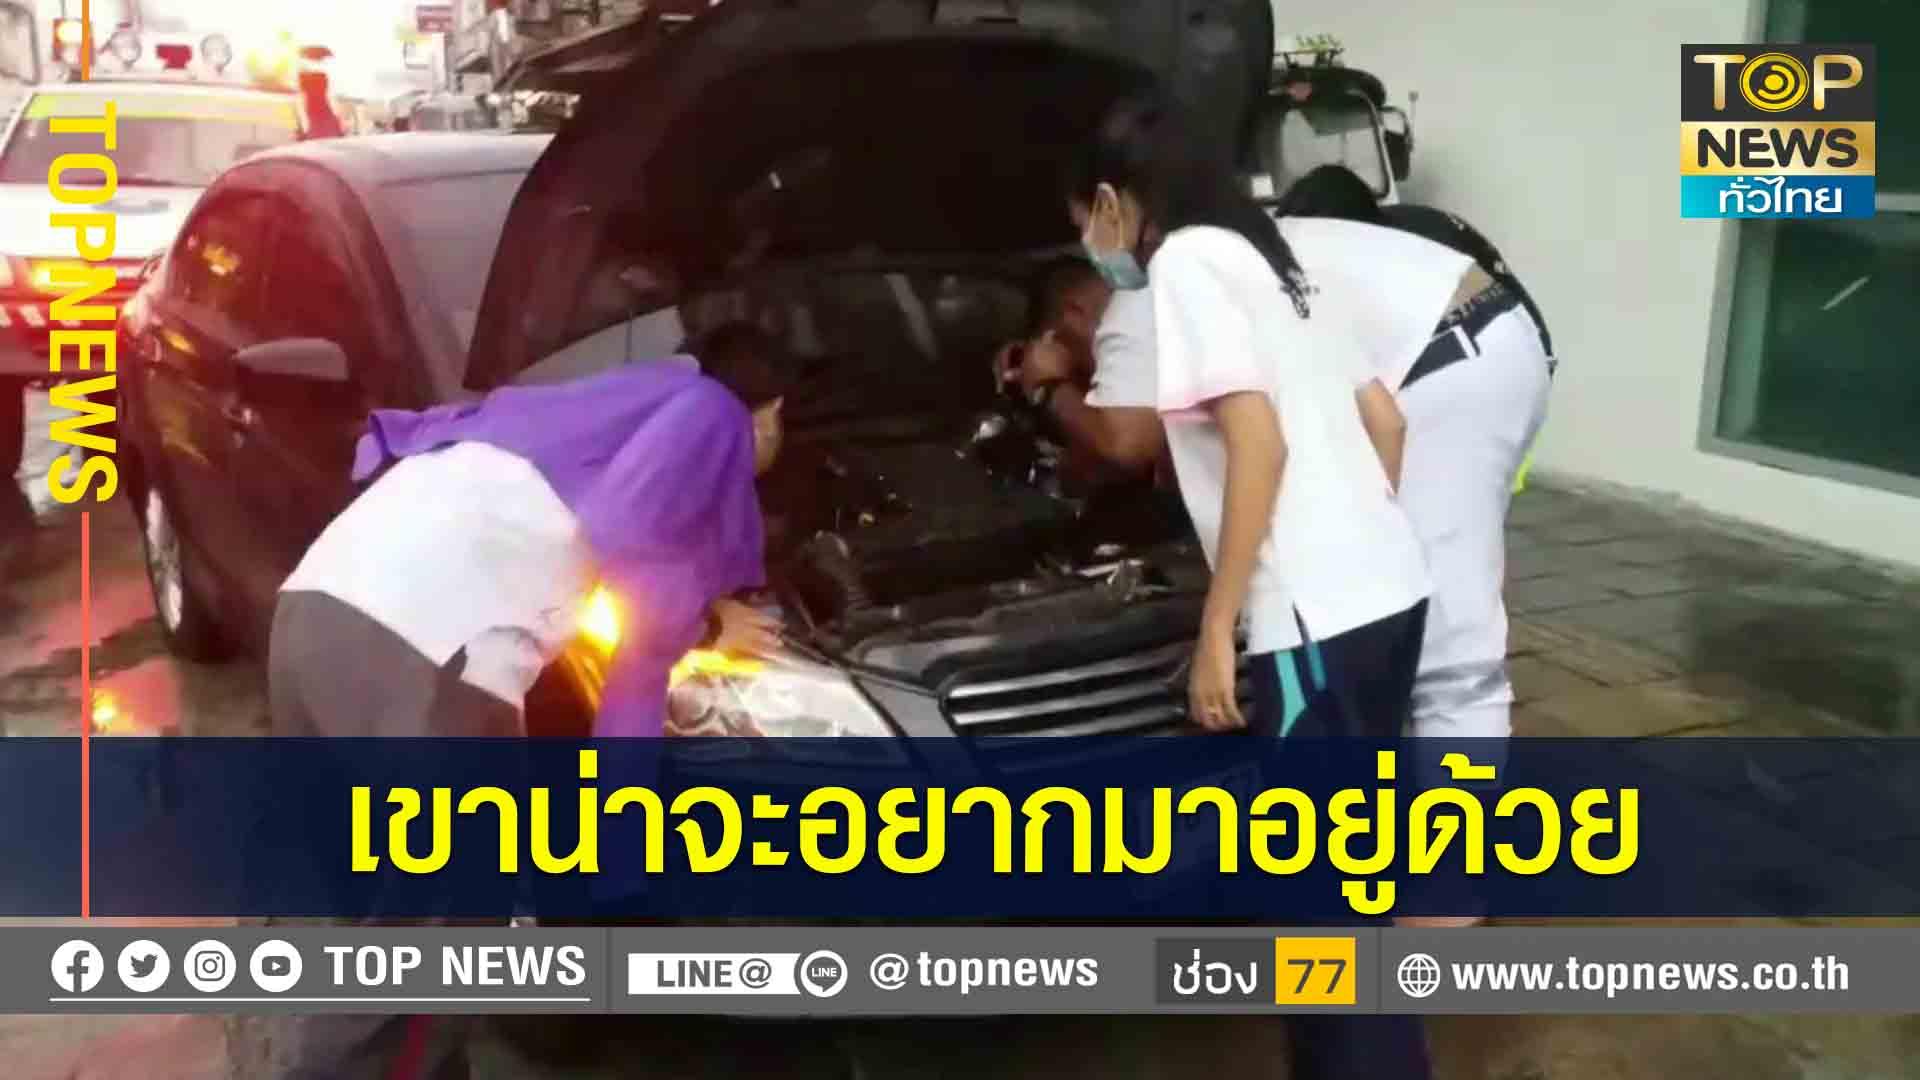 """กู้ภัยโคราช เร่งช่วยเหลือแมวหนีฝนเข้าห้องเครื่อง ก่อนเจ้าของรถจะรับไปเลี้ยงพร้อมตั้งชื่อ """"บุญโชค"""""""